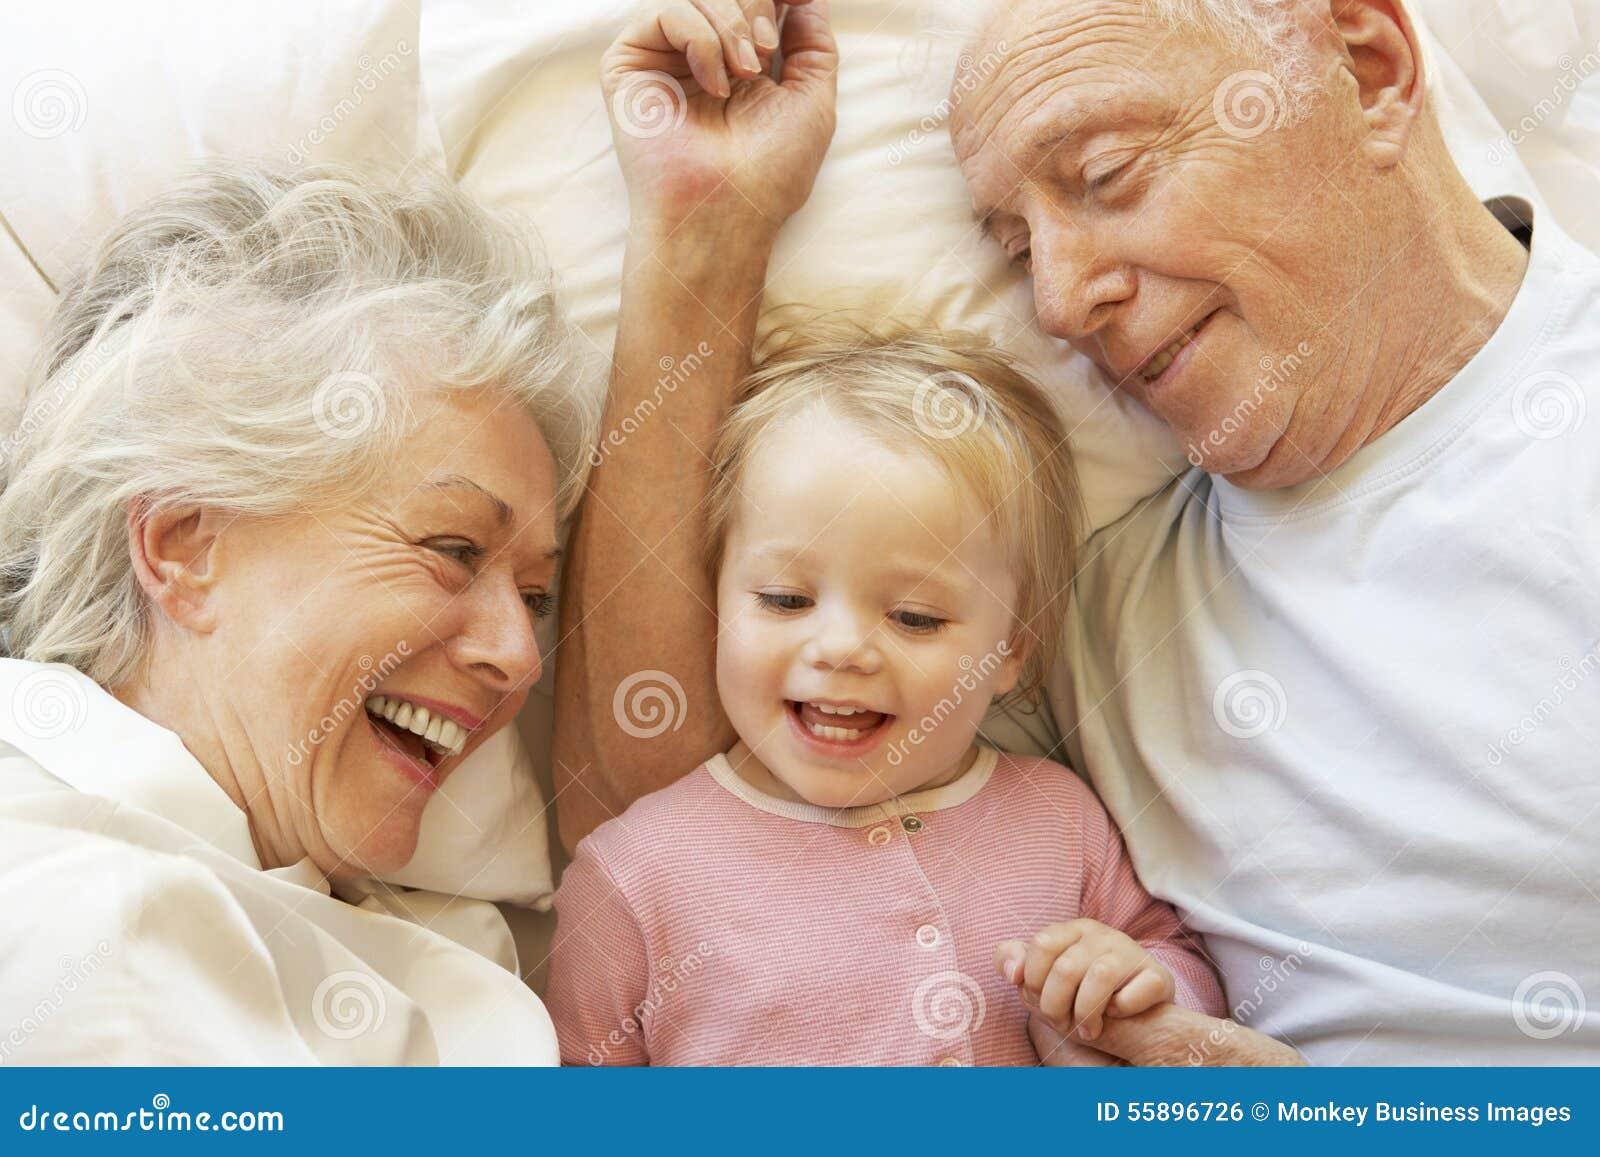 Grands-parents caressant la petite-fille dans le lit